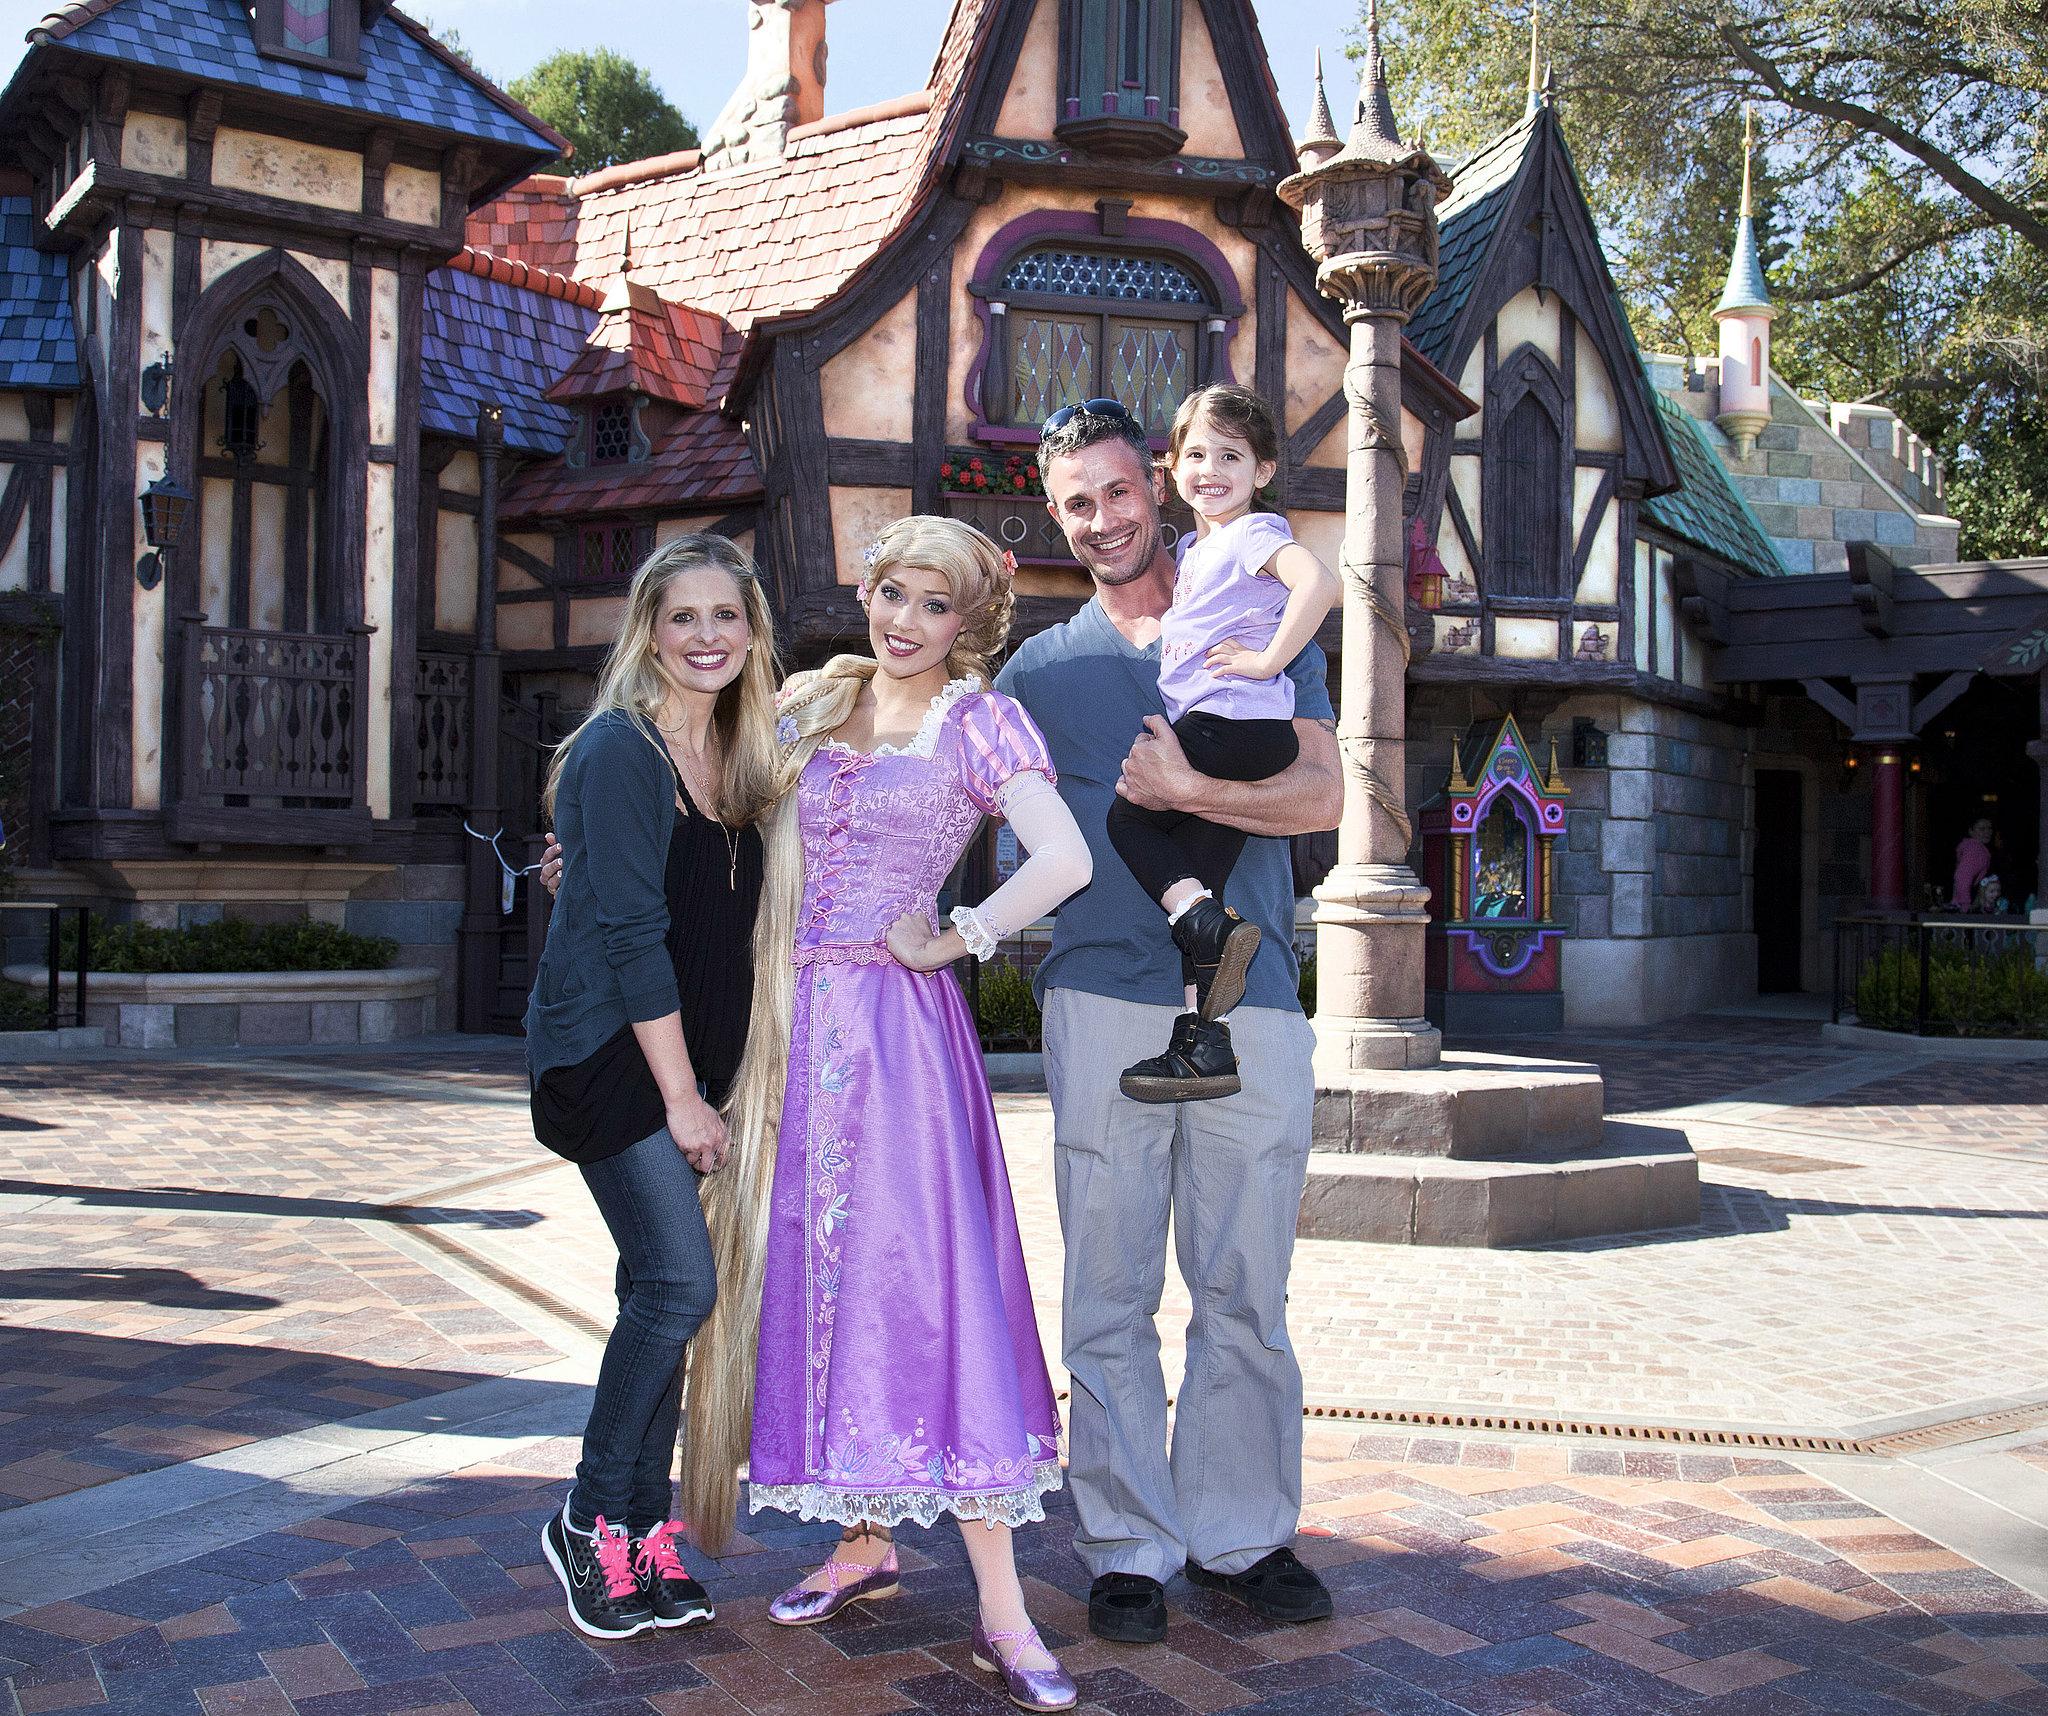 Sarah Michelle Gellar and Freddie Prinze Jr. took their daughter, Charlotte, to Disneyland in March 2013.